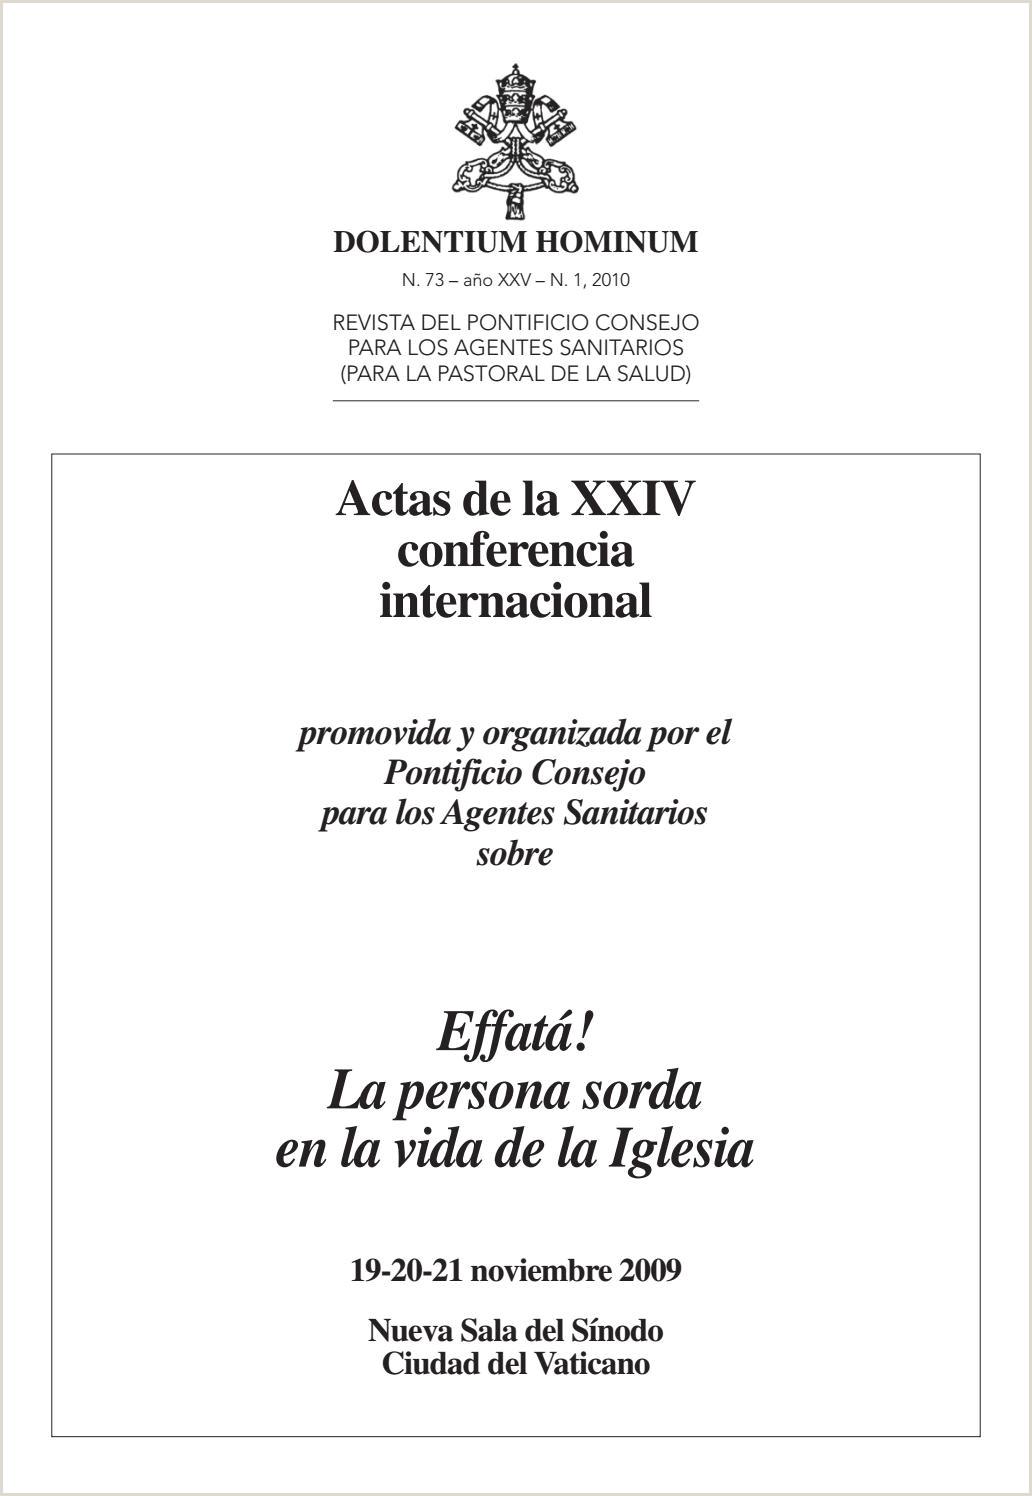 Formato De Hoja De Vida Minerva Sencilla Conferencia Internacional La Persona sorda En La Vida De La